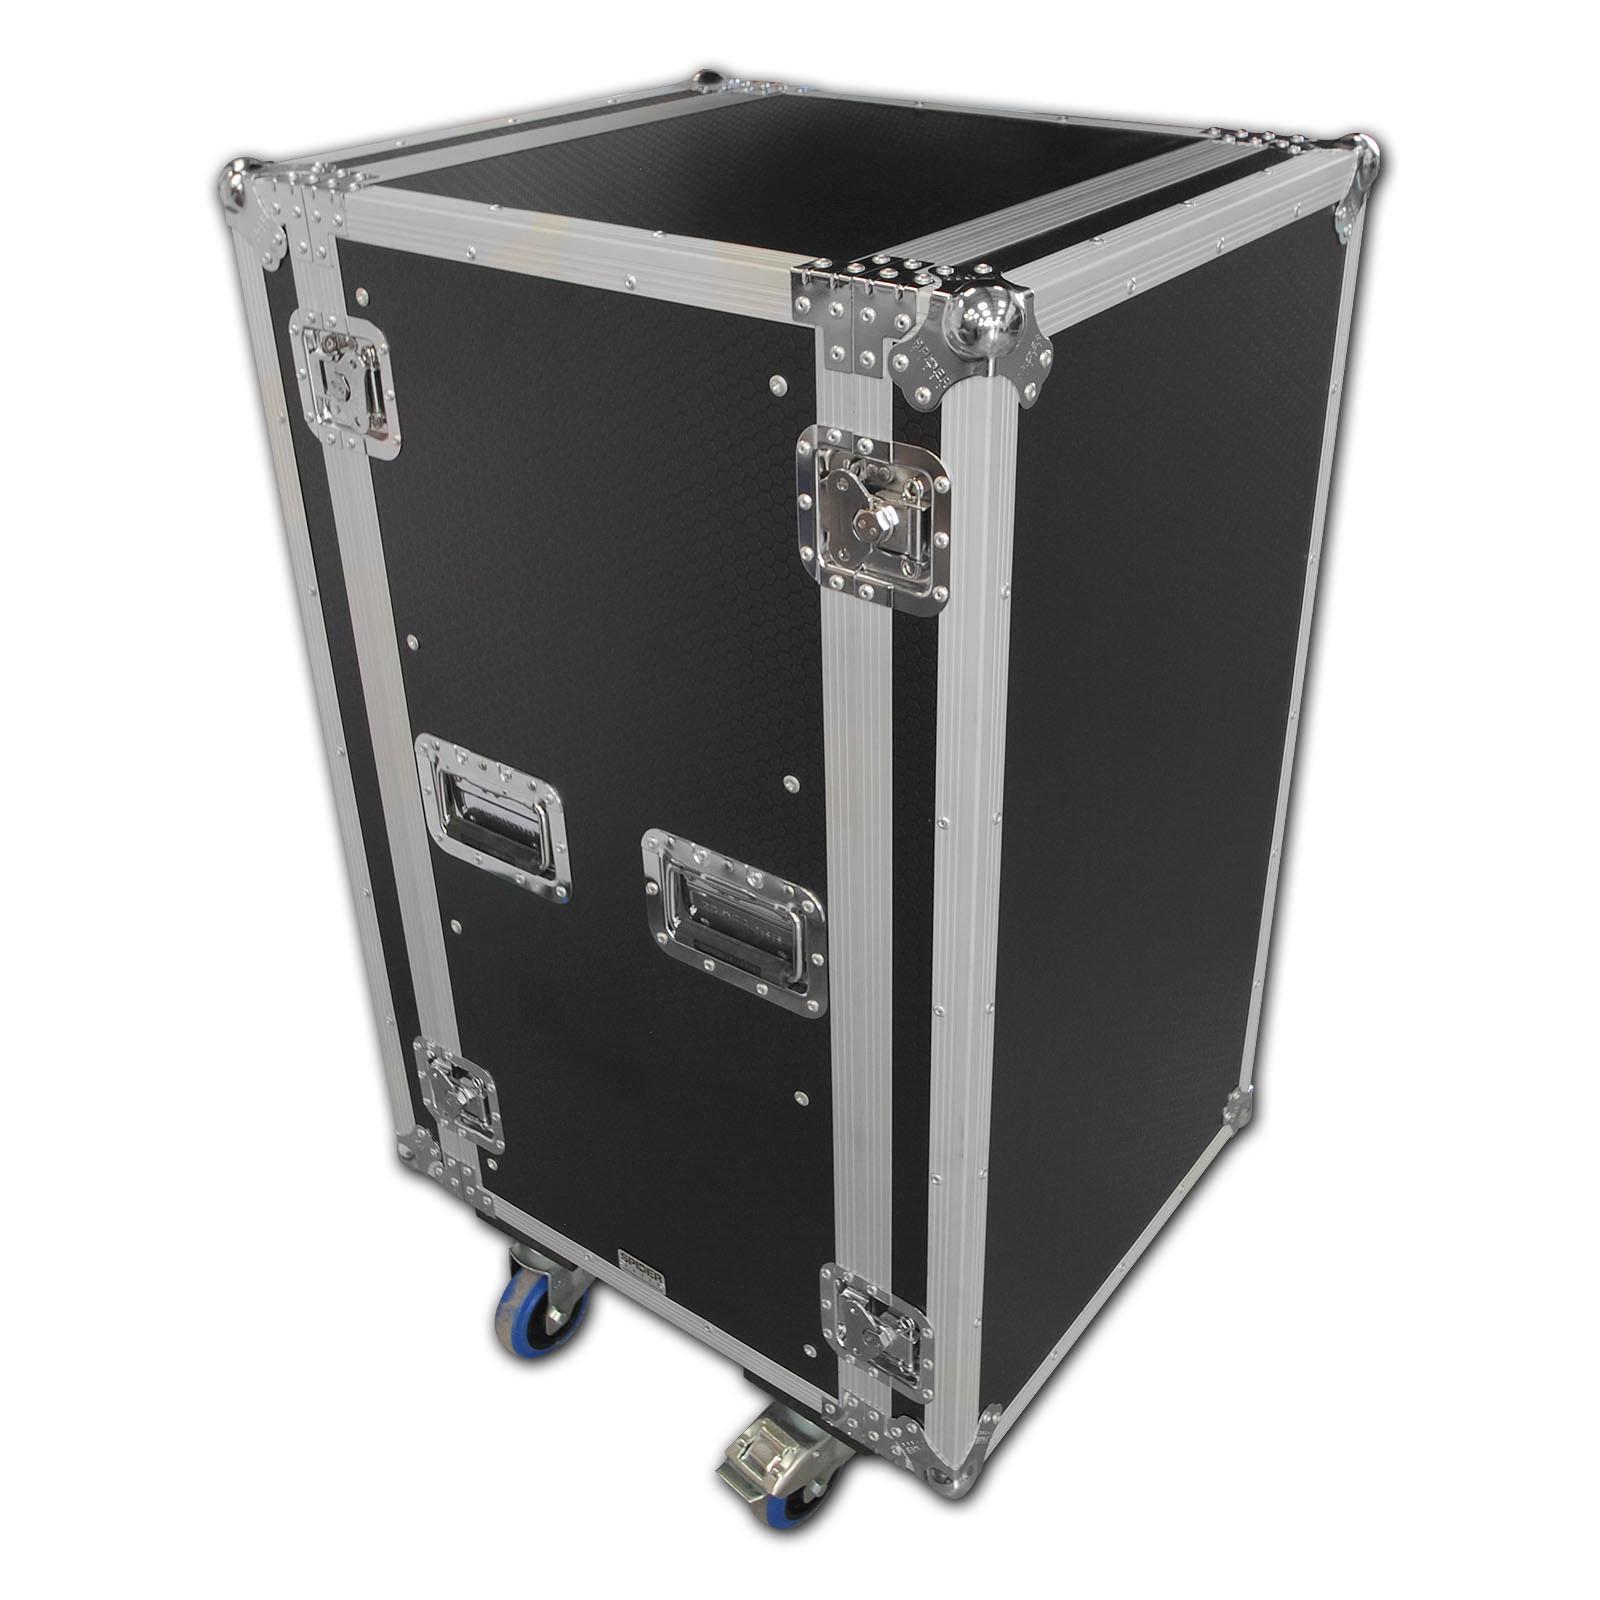 spider 20u rackmount flight case on castors. Black Bedroom Furniture Sets. Home Design Ideas